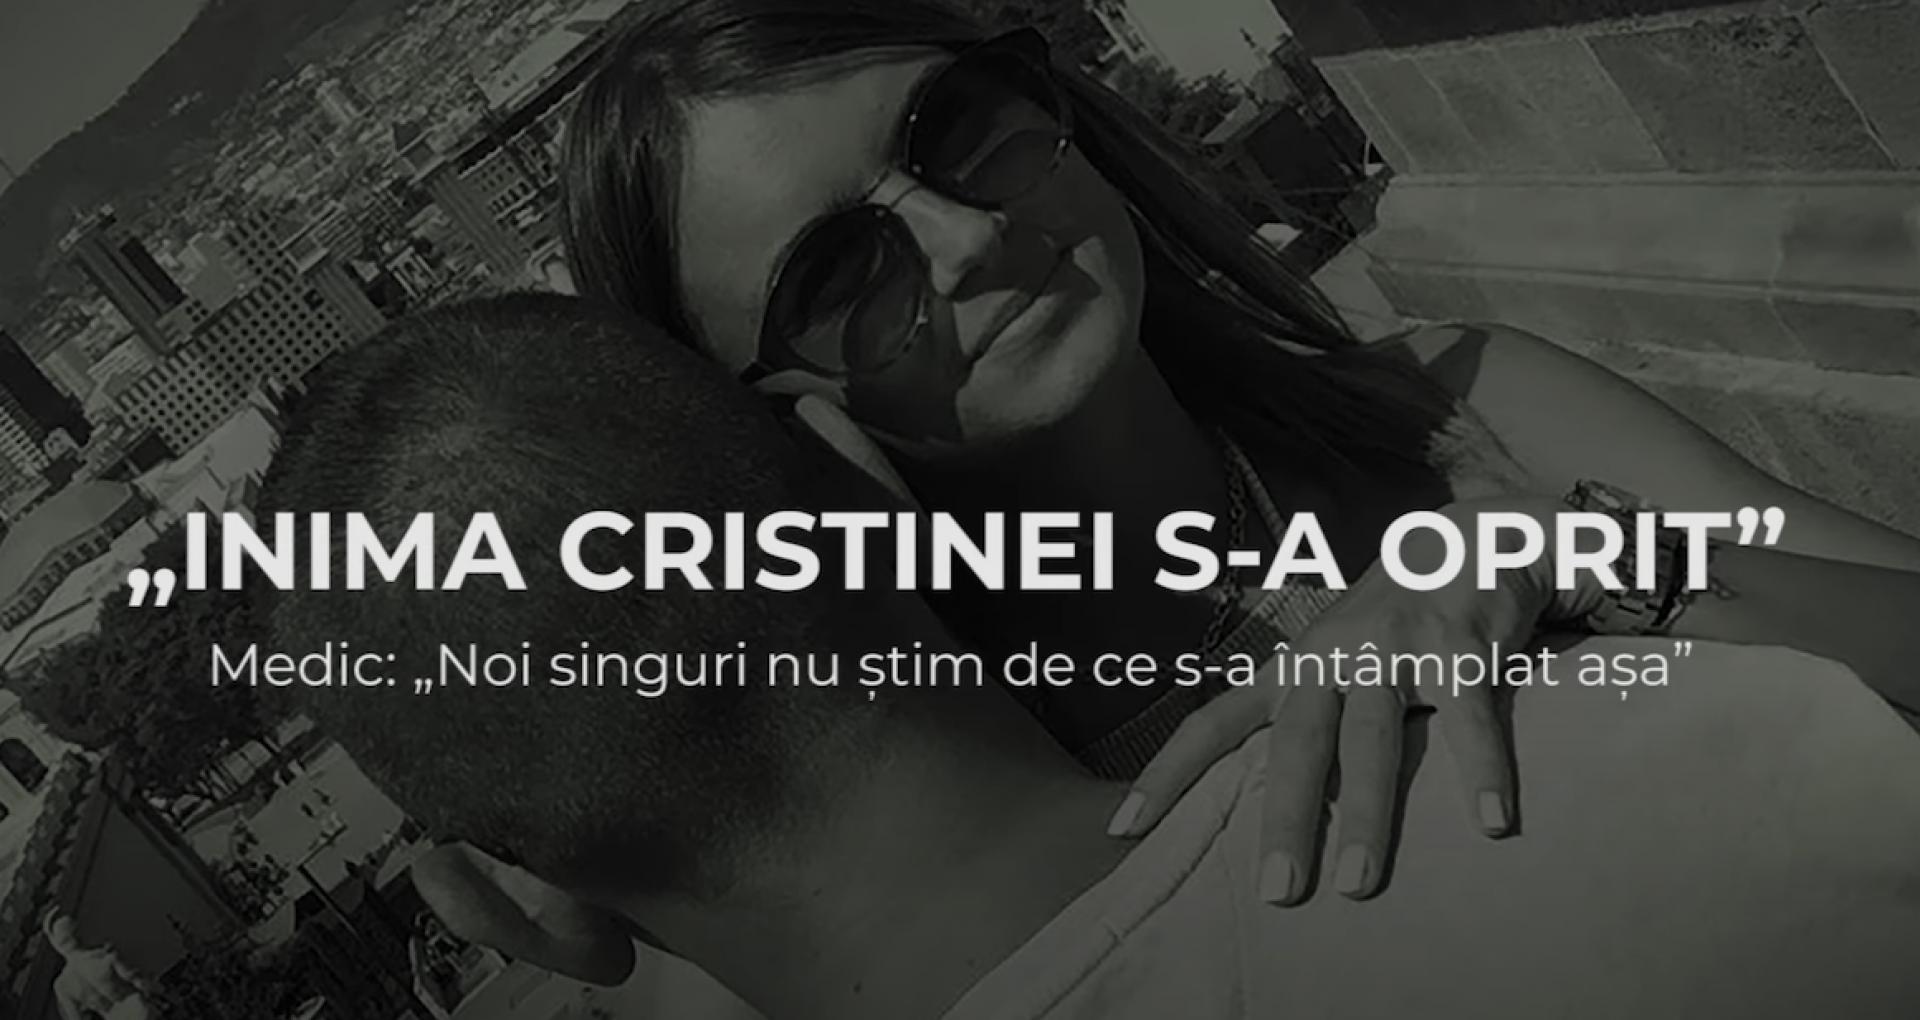 """VIDEO/ """"Inima Cristinei s-a oprit"""". Medicii: """"Noi singuri nu știm de ce s-a întâmplat așa"""""""